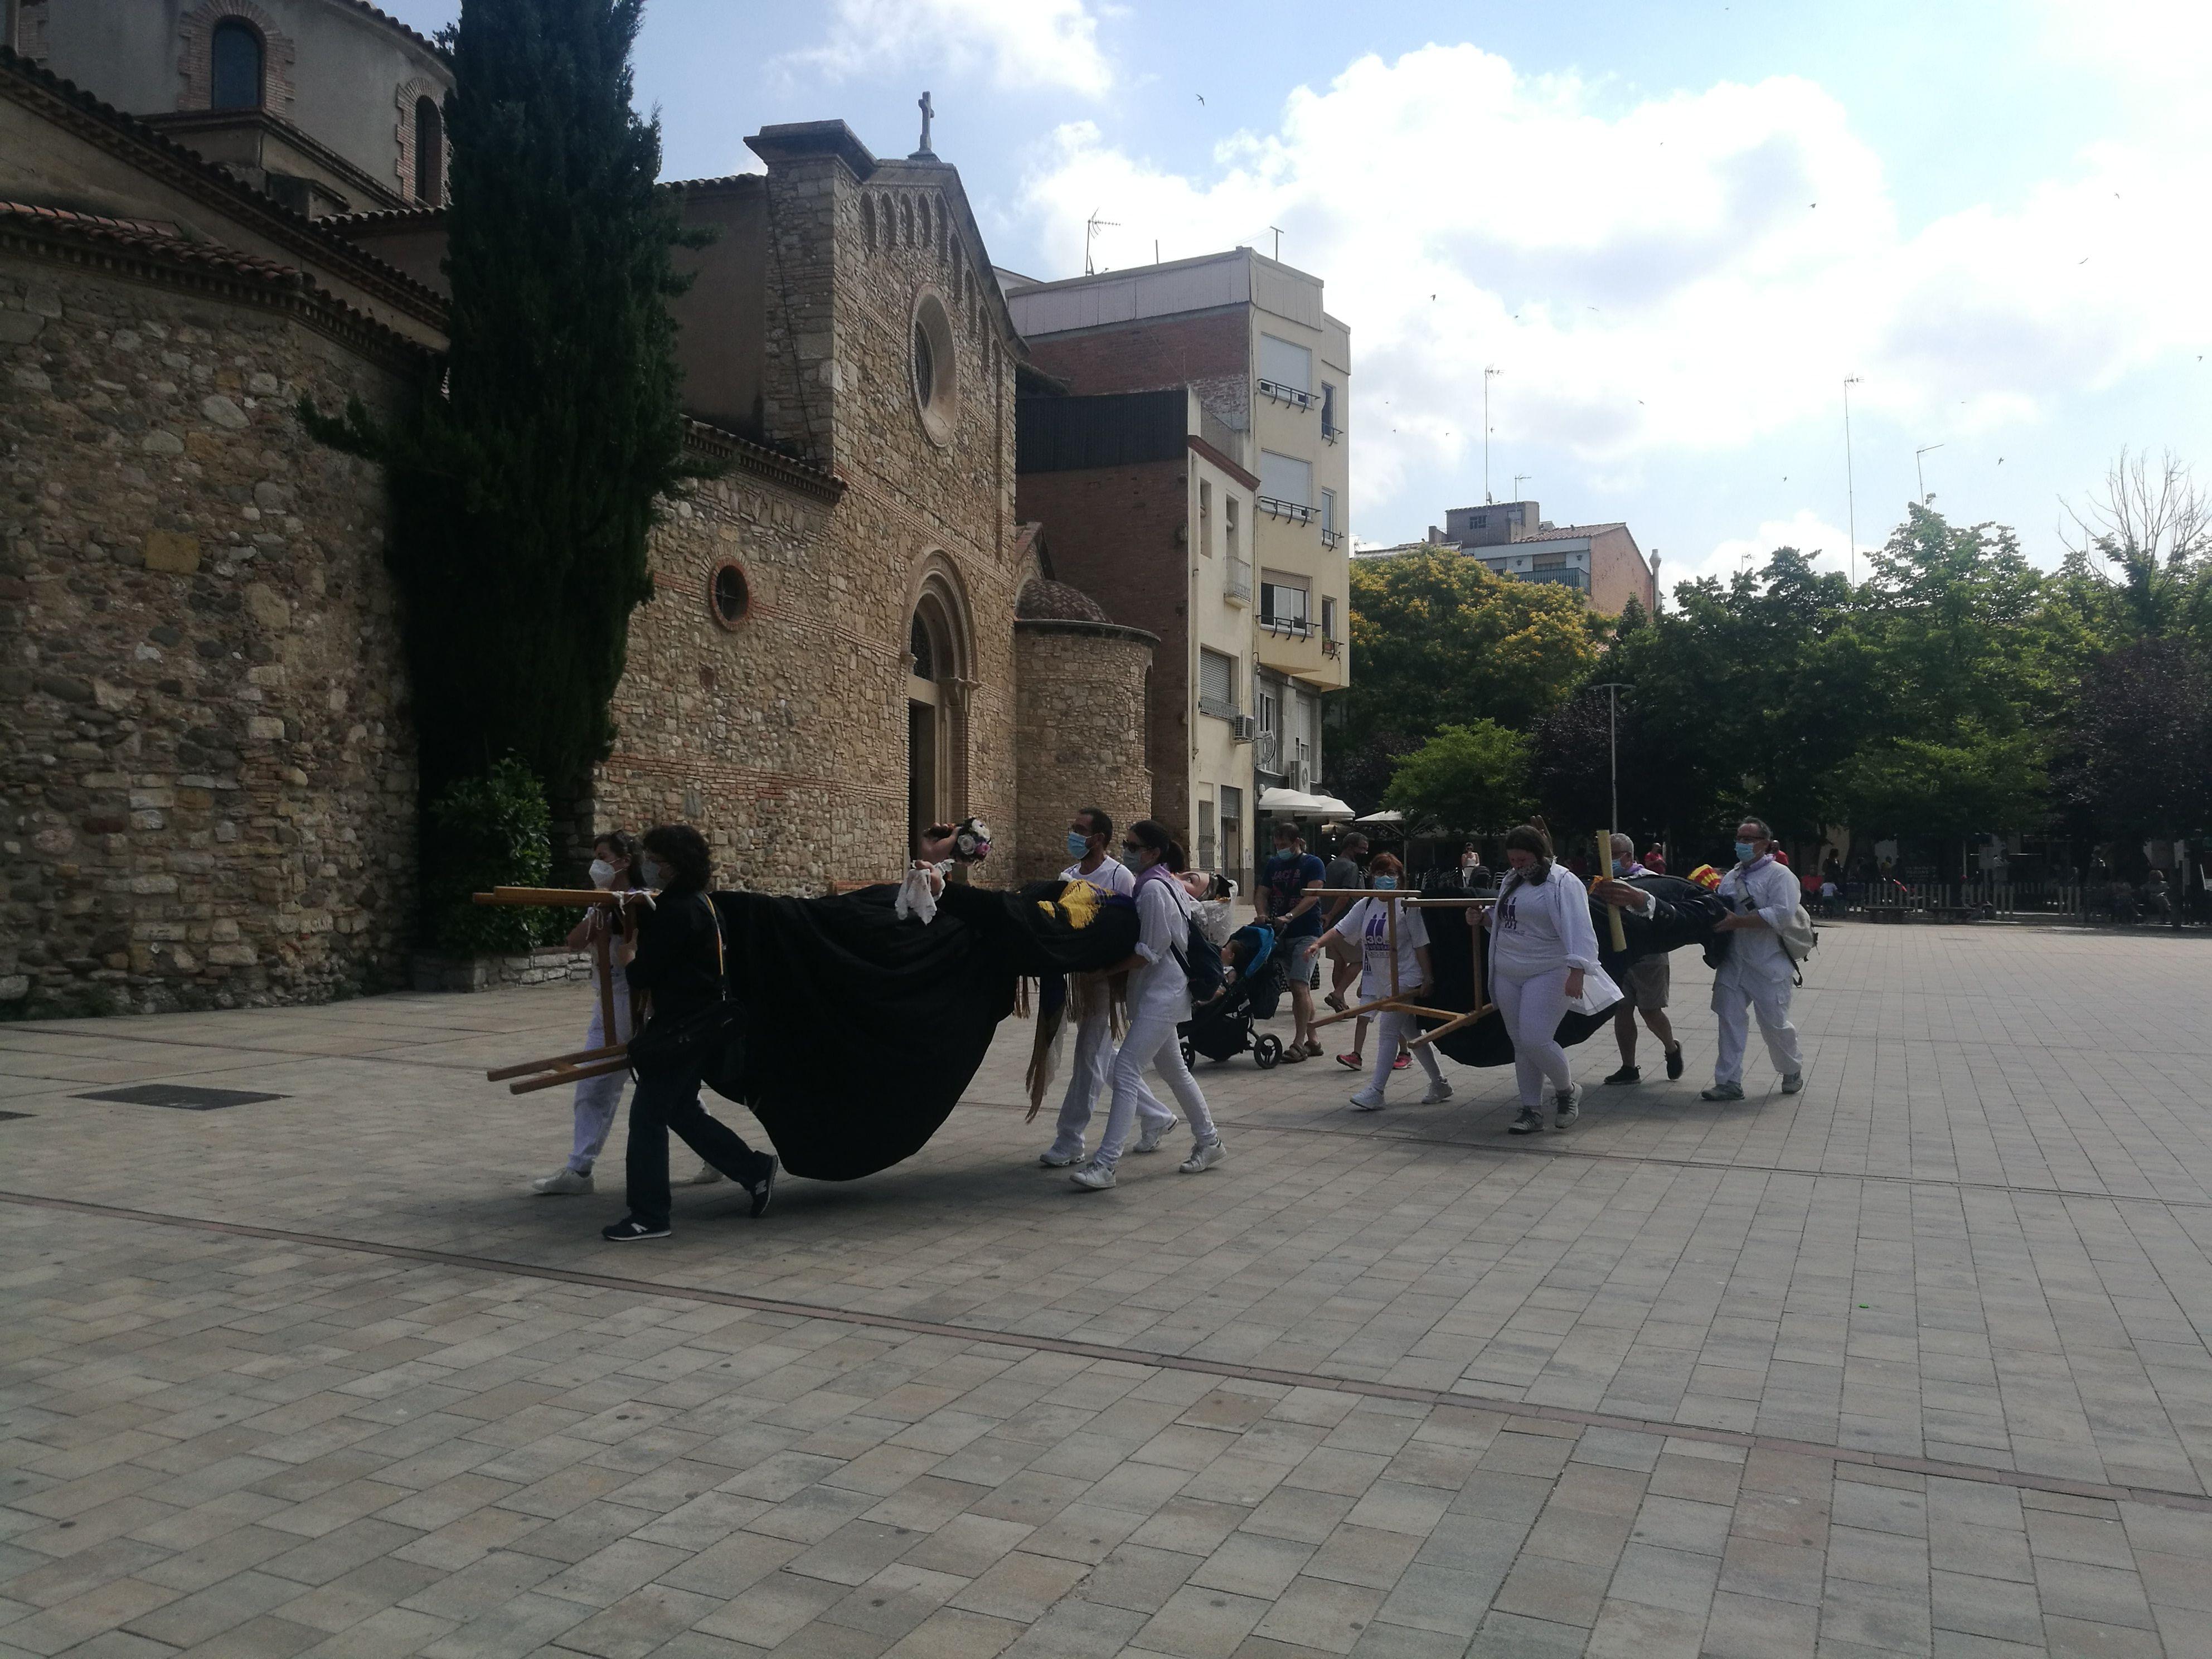 Els gegants de Rubí a la plaça Dr. Guardiet. FOTO: Redacció